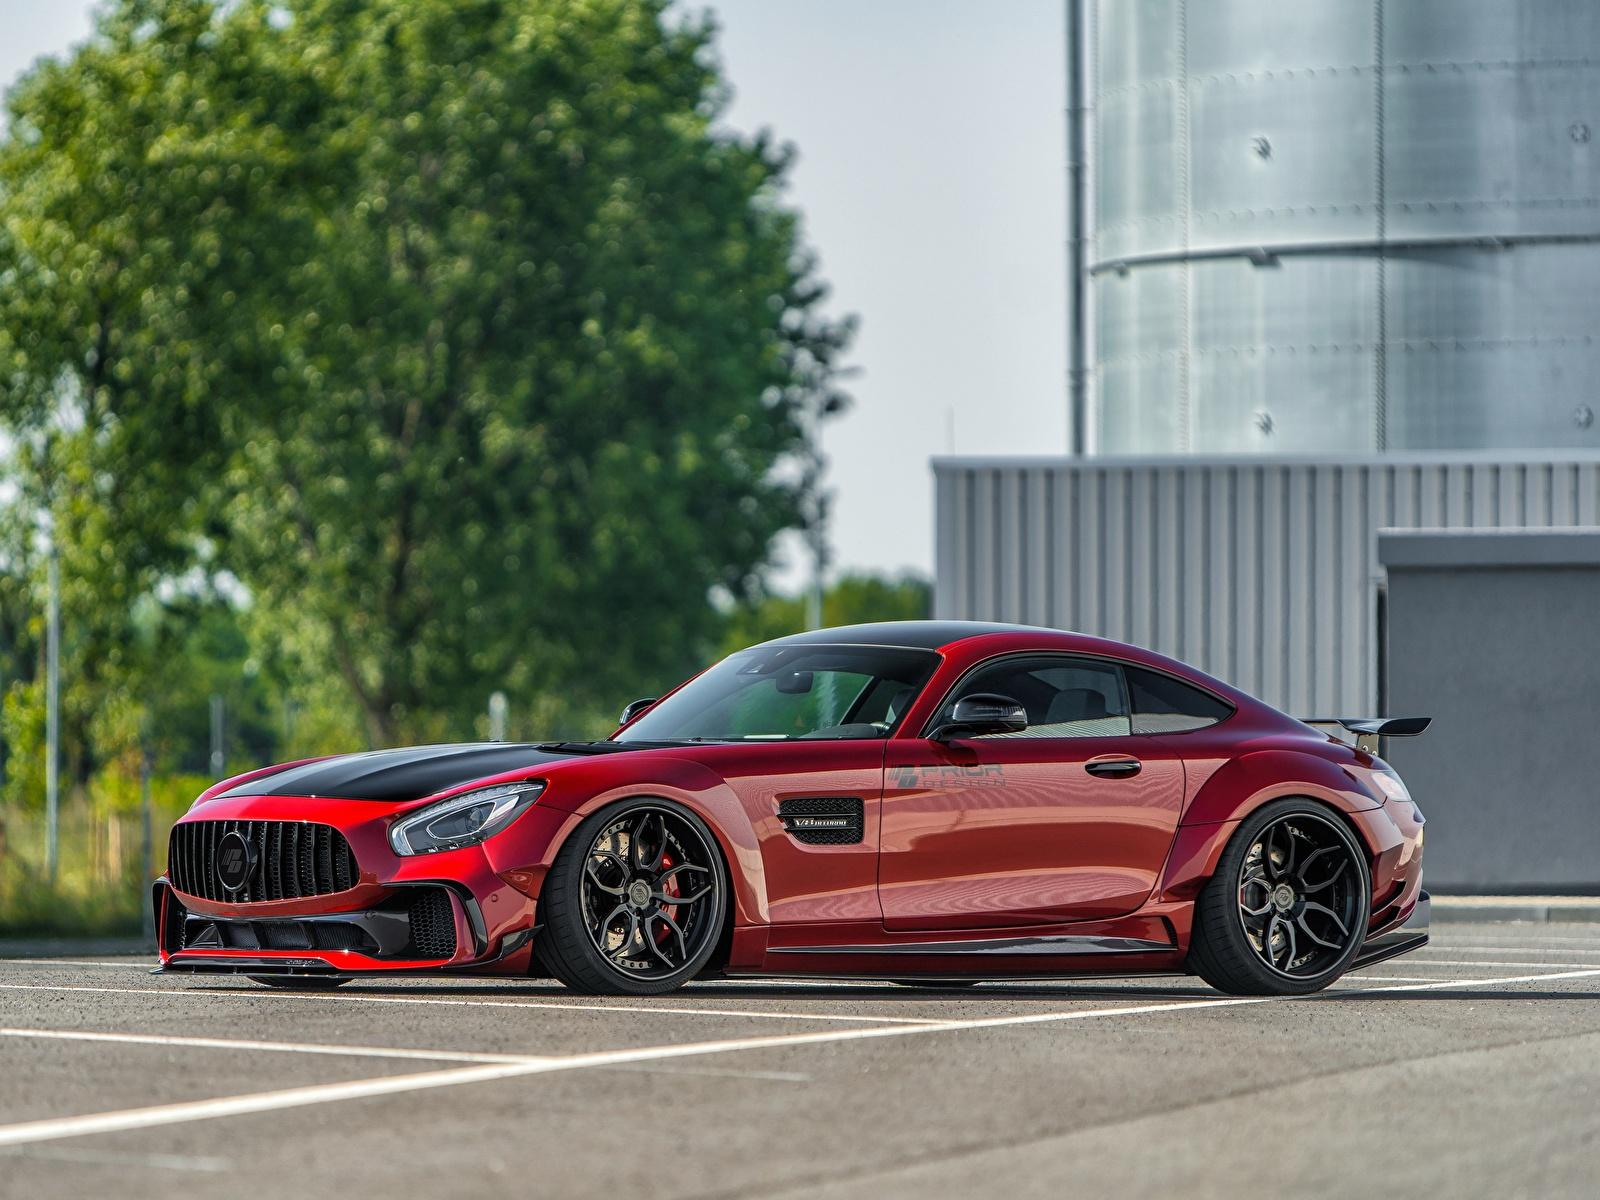 Фотографии Мерседес бенц AMG GT красных Сбоку машины Металлик 1600x1200 Mercedes-Benz красная красные Красный авто машина Автомобили автомобиль